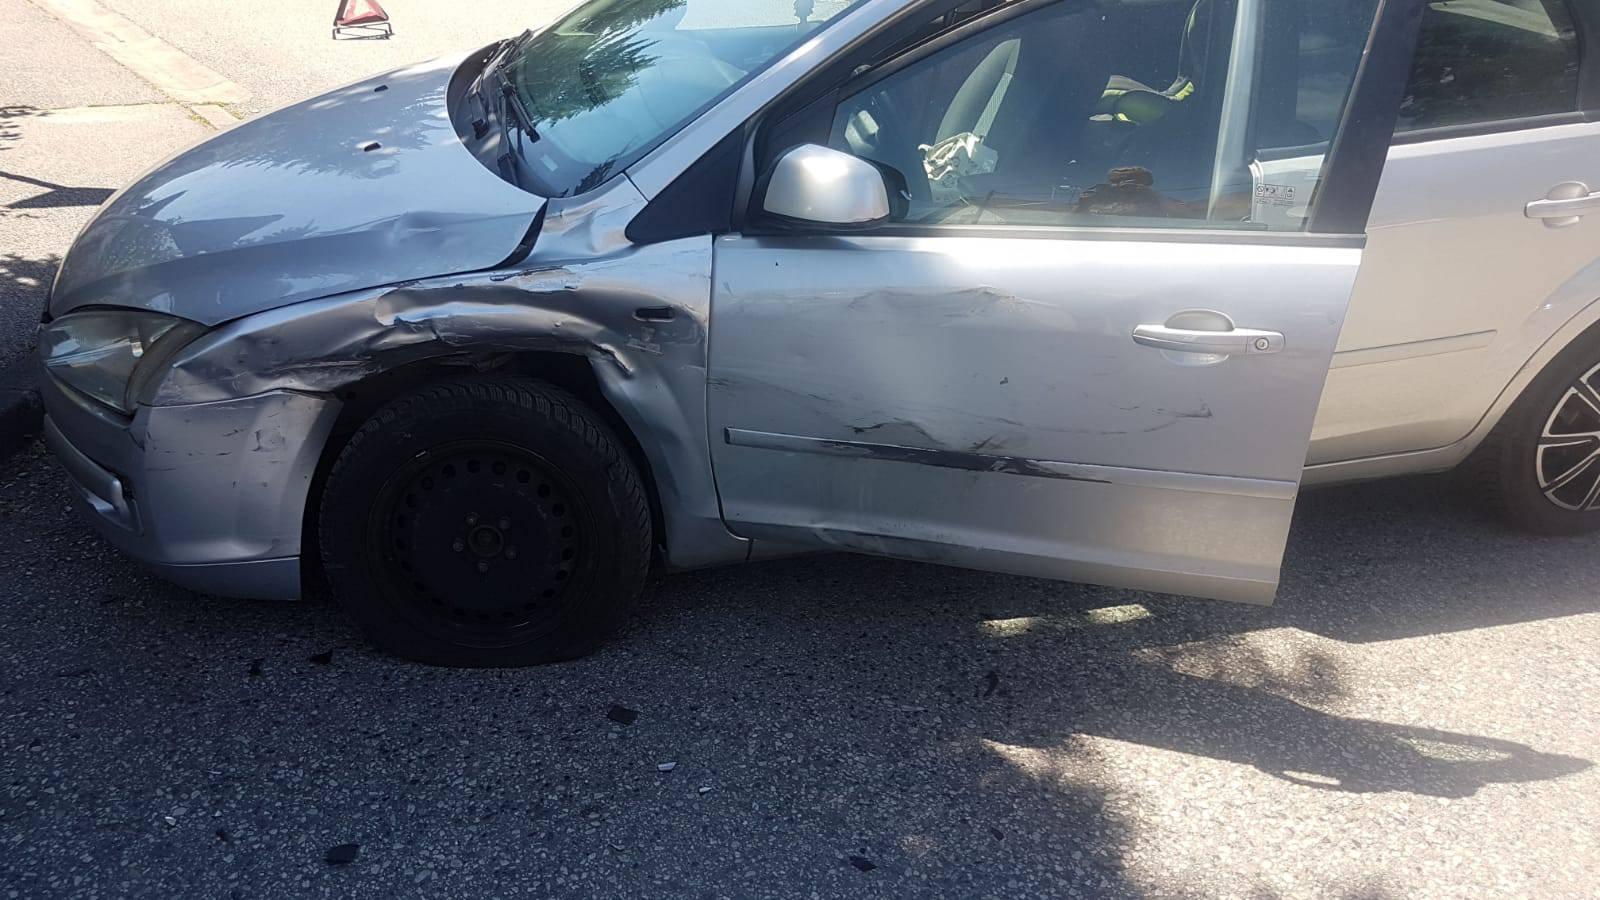 Sudarili se na Trešnjevci, dobio udarac u bočni dio automobila